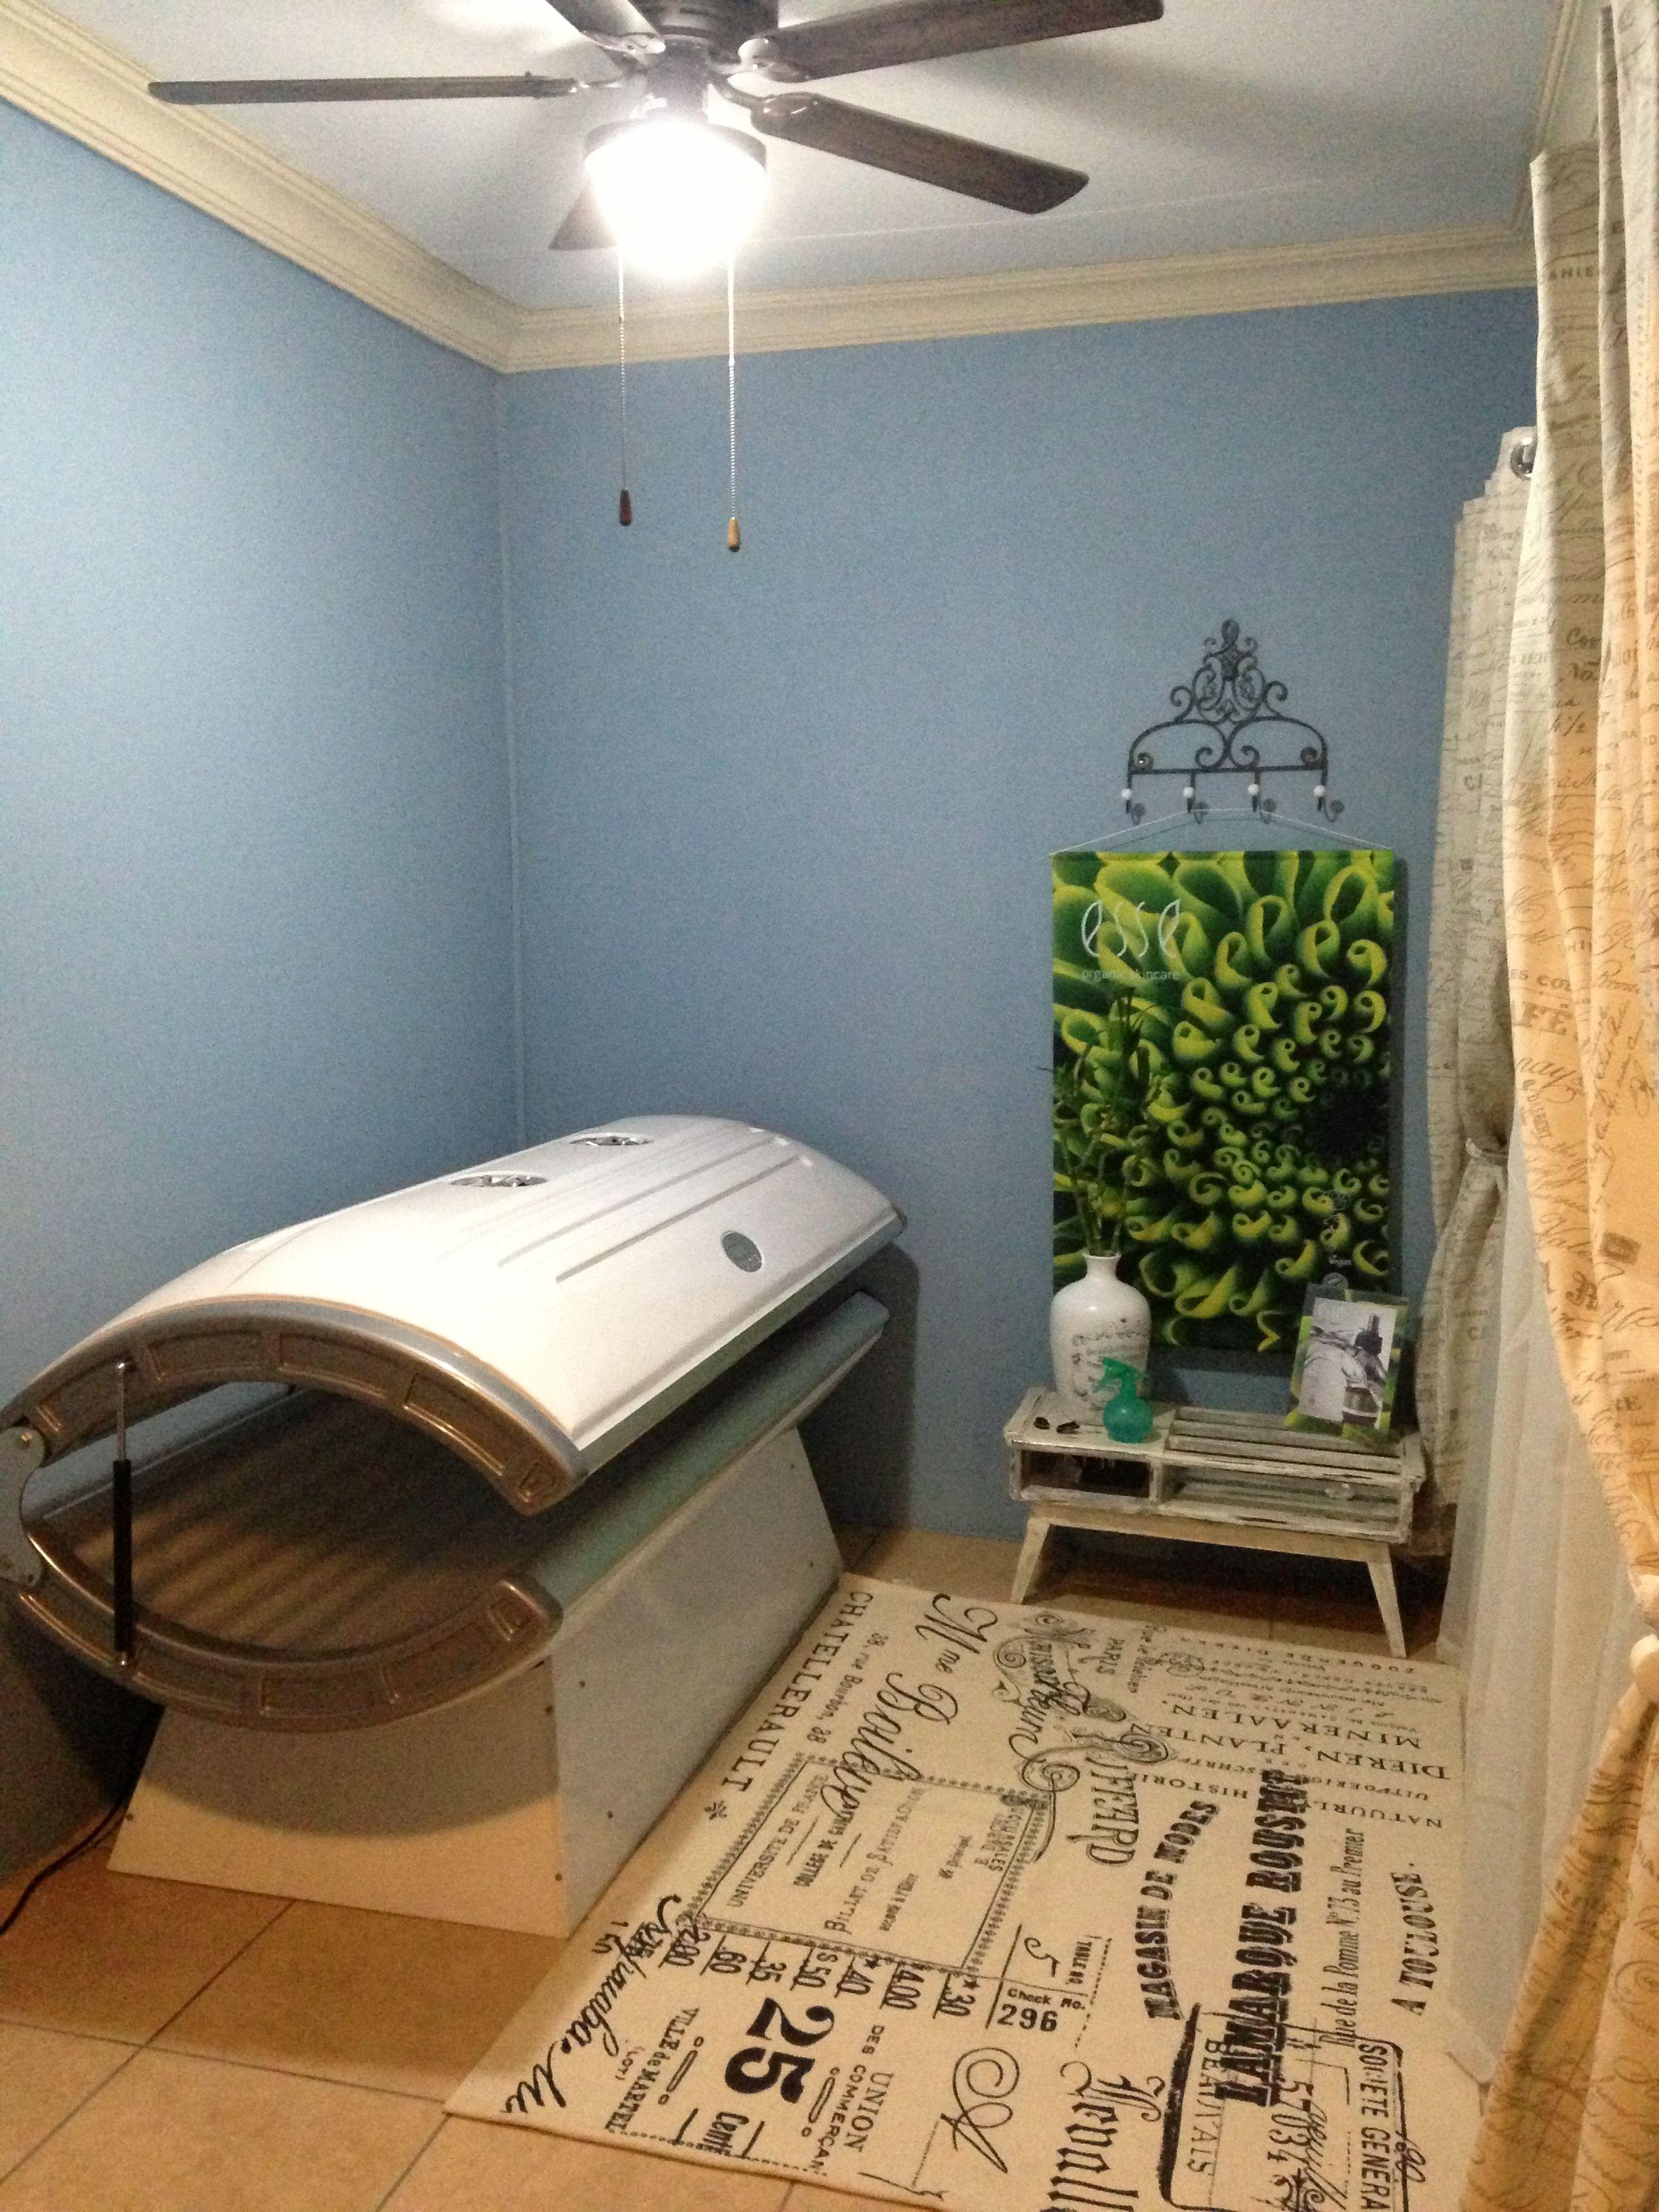 Sunbed room Tanning room decor, Tanning room, Tanning